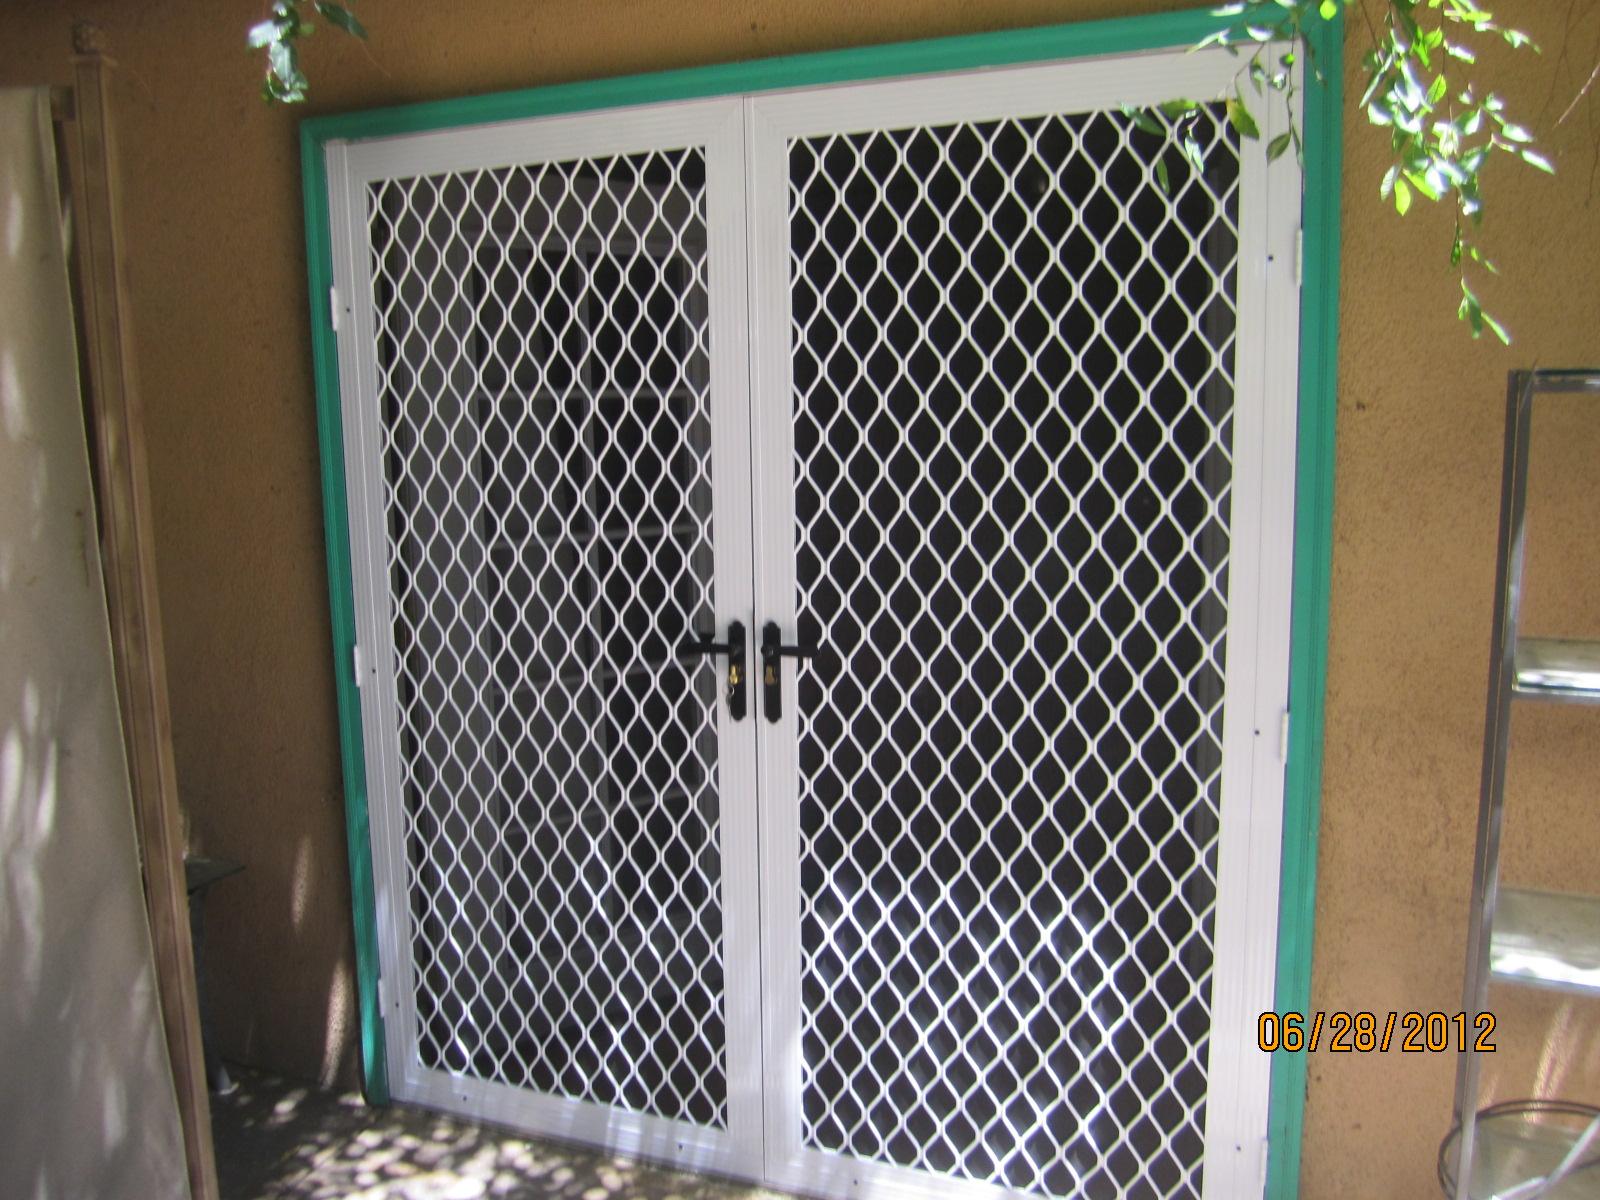 Double set of security screen doors in northridge for Hideaway screens for french doors